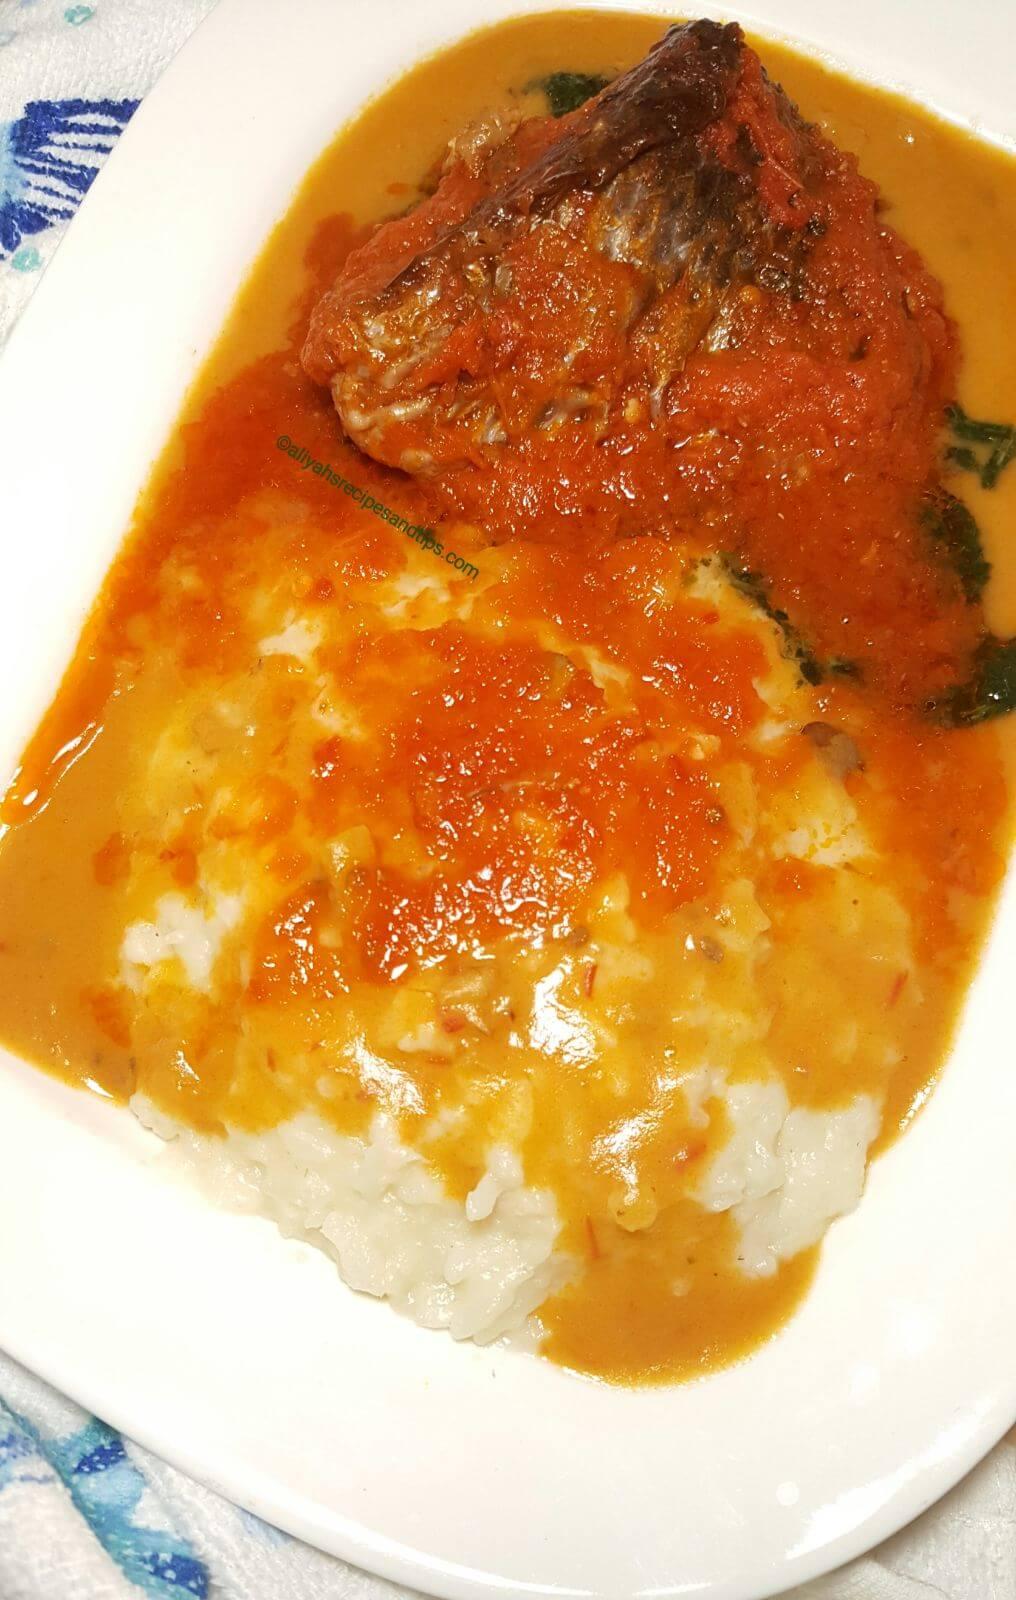 rice tuwo, tuwo shinkafe, how to make tuwo shinkafa, hausa, Miyan kuka, Nigerian, Tuwo shinkafa rice flour, fufu, gbegiri